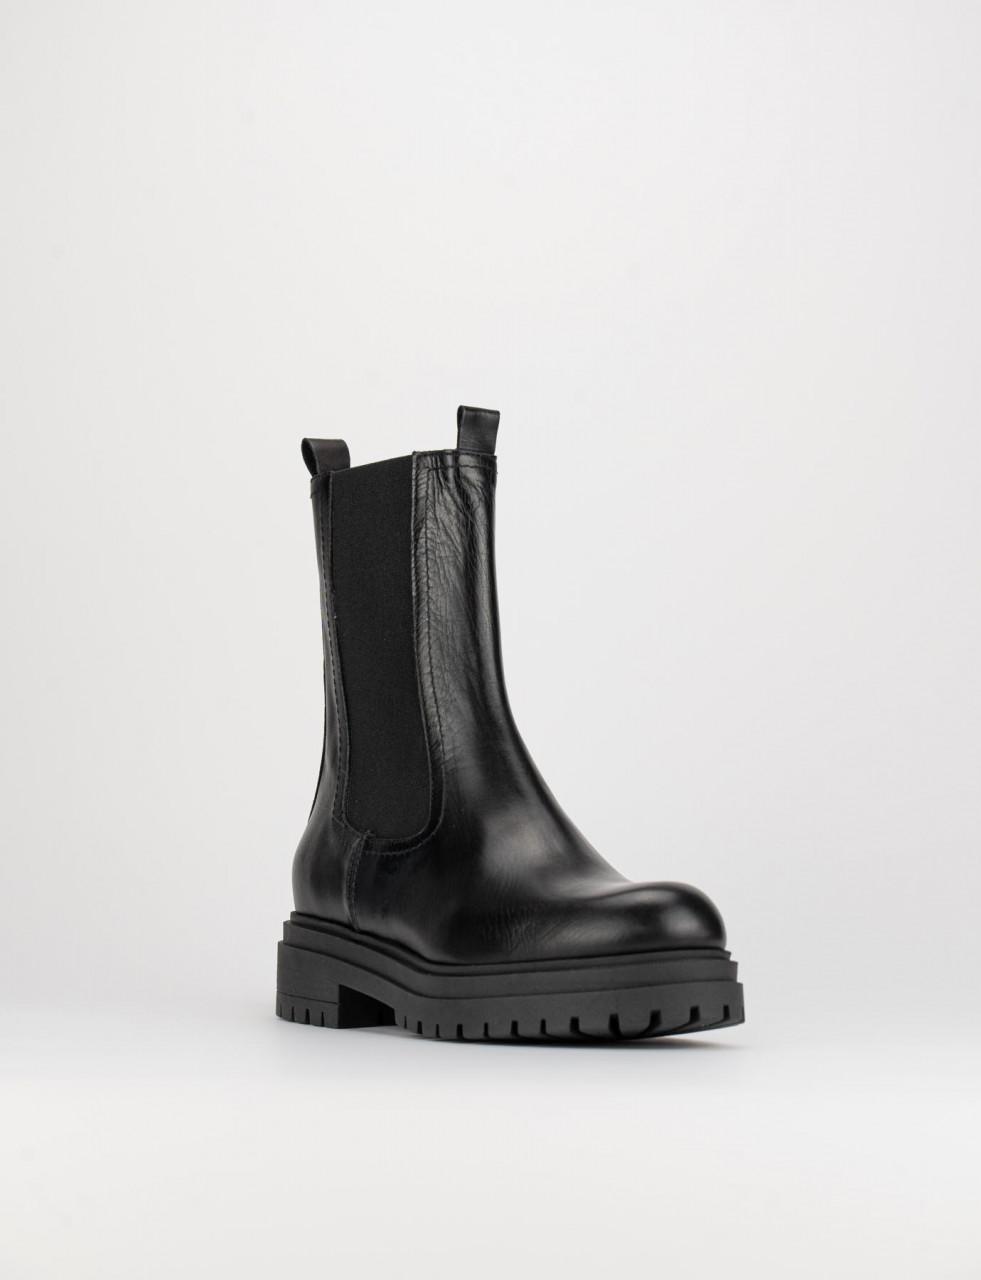 Stivali donna caviglia elastici camoscio tacco basso gattino tronchetti VB85085